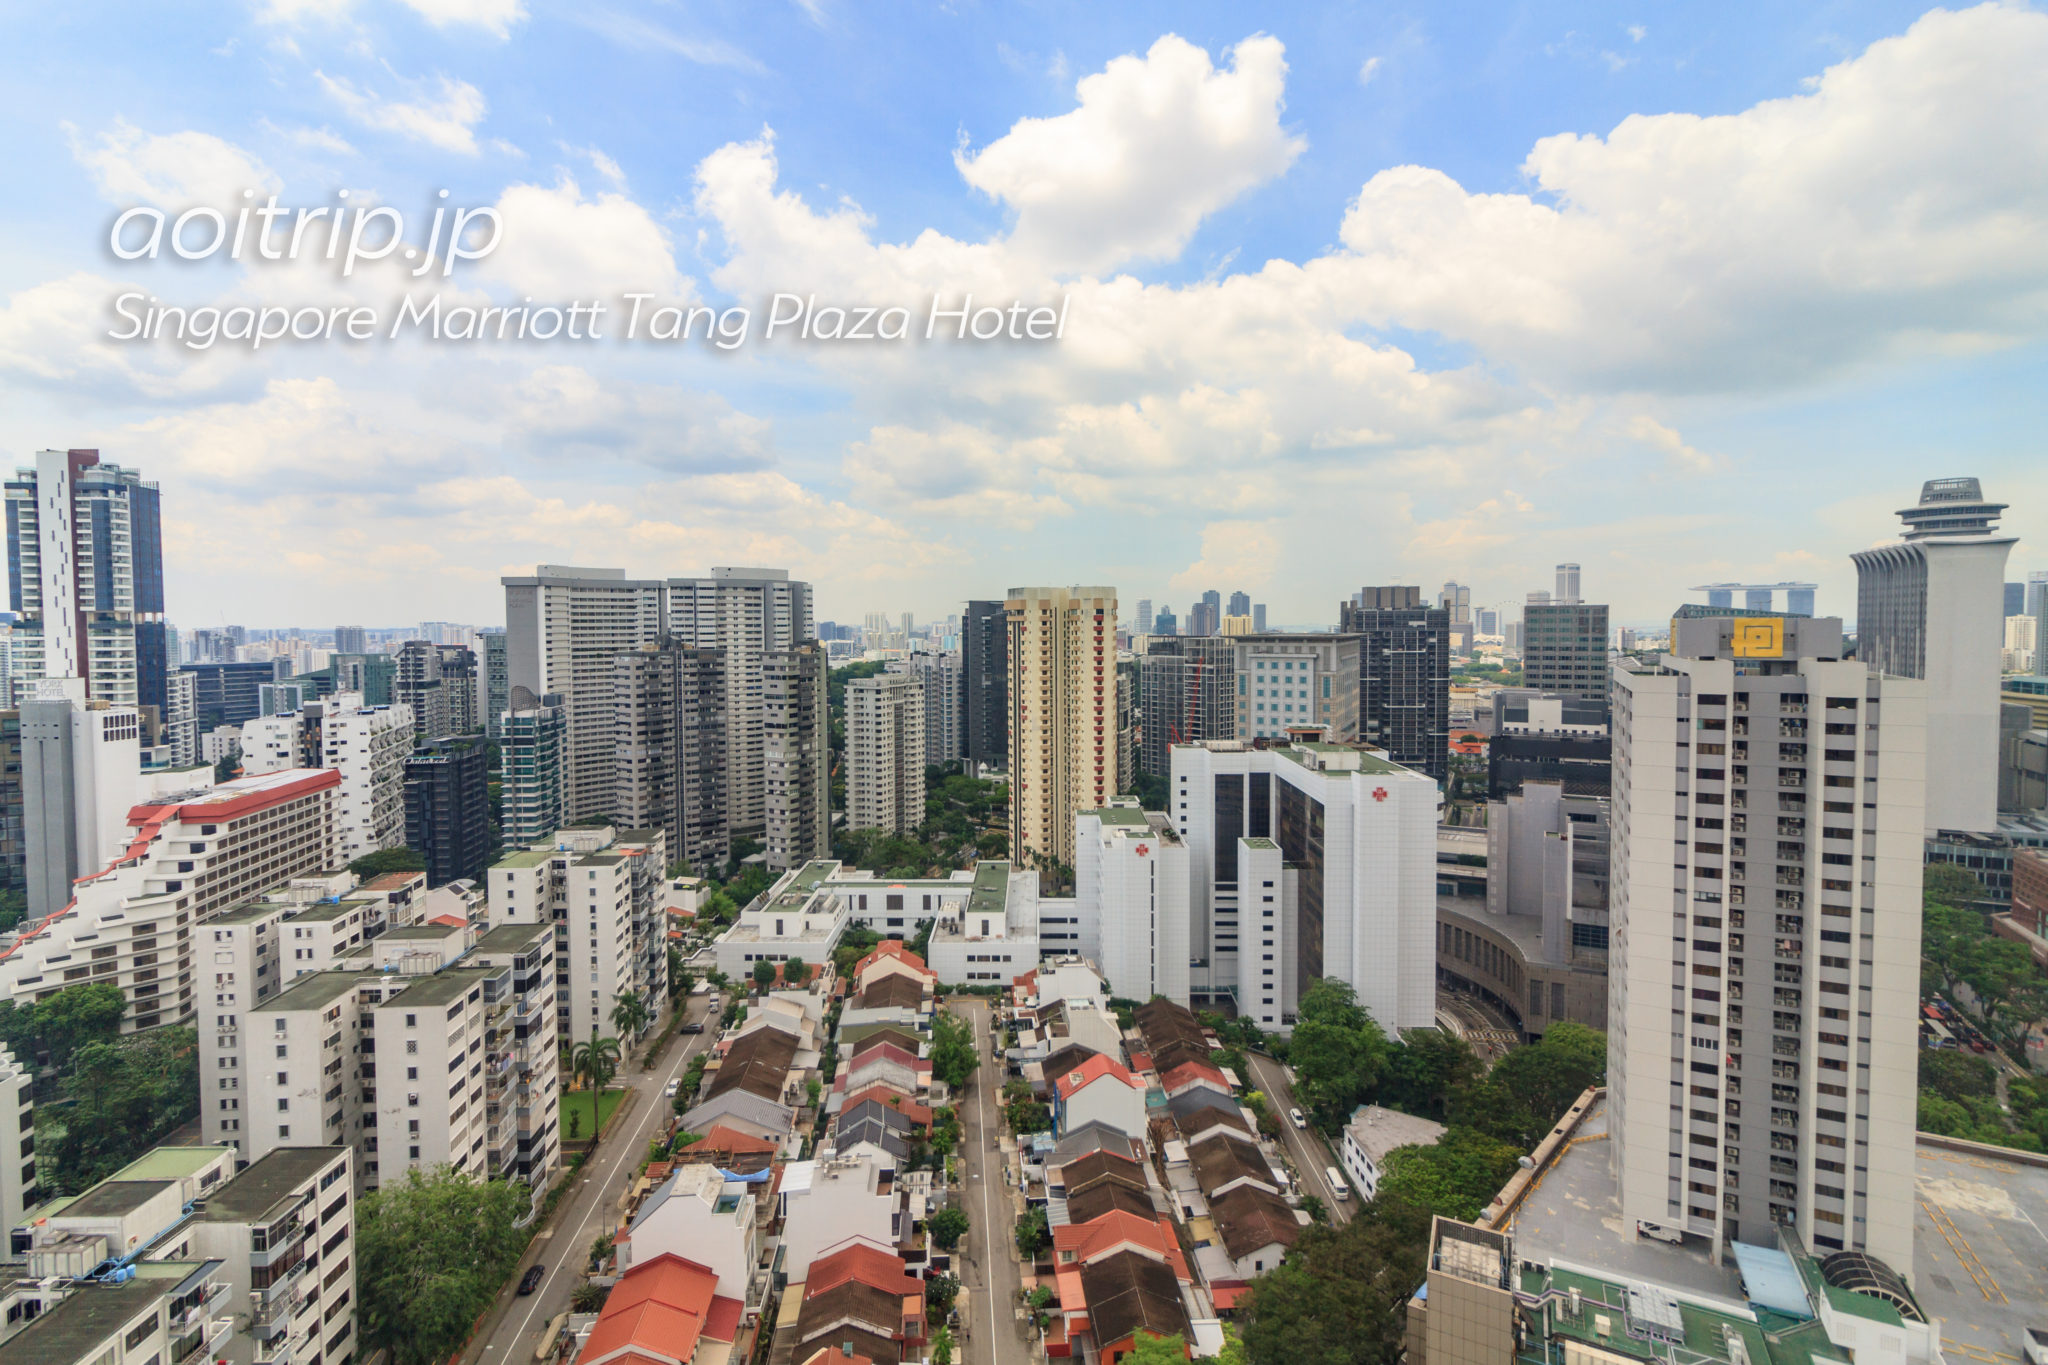 シンガポール マリオット タング プラザ ホテルの29Fからの眺望